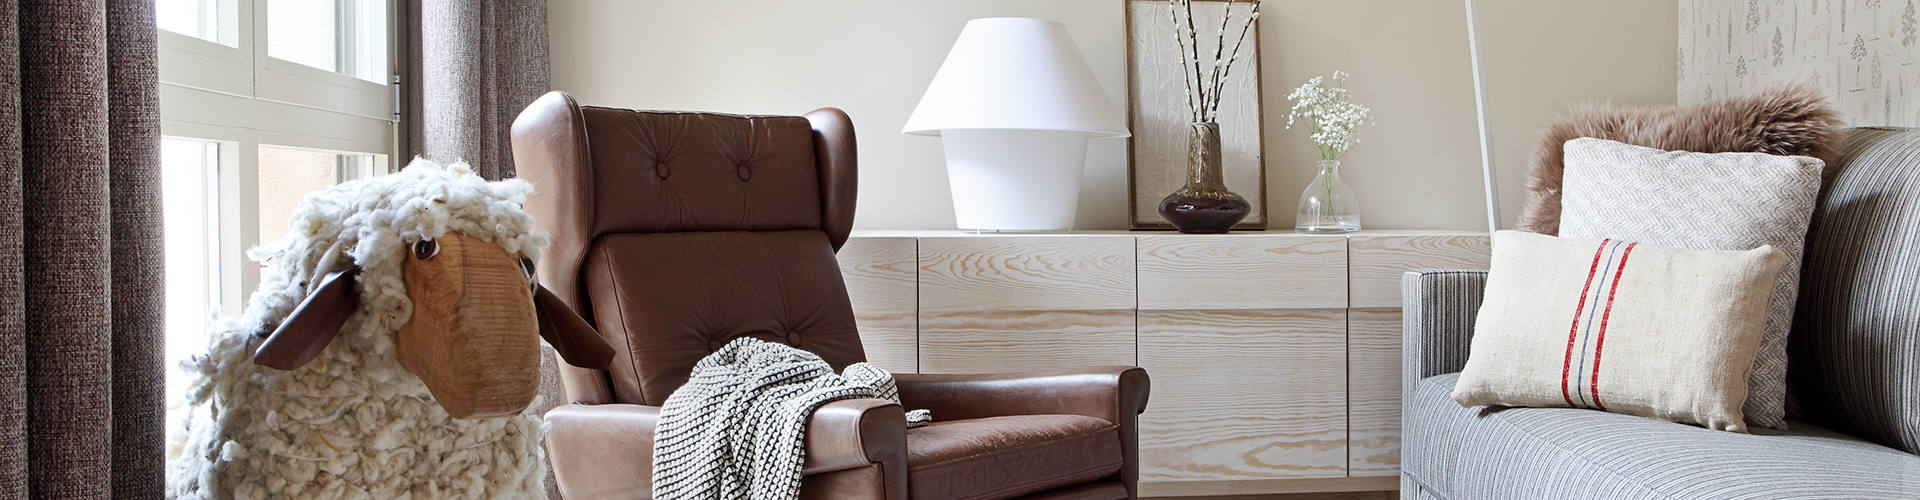 apartamentos-artesa-cereales-salon1-recorte-1920x500_c